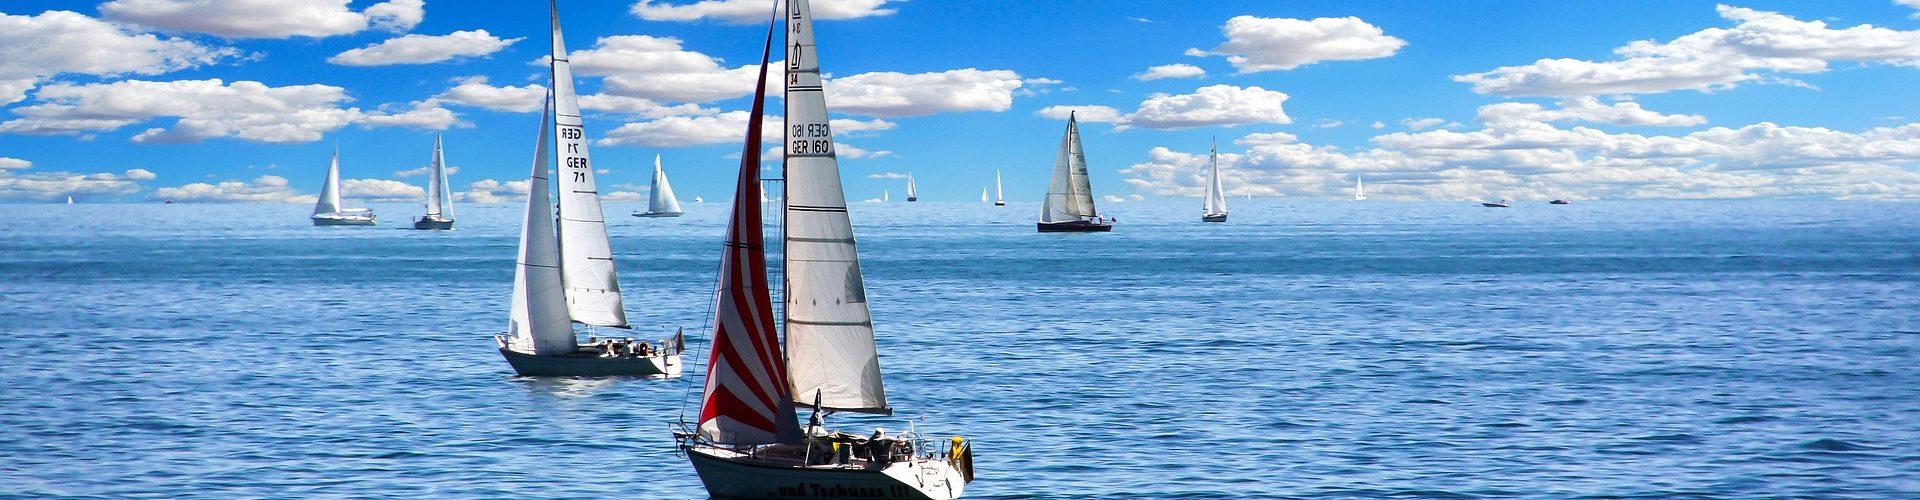 segeln lernen in Altbach segelschein machen in Altbach 1920x500 - Segeln lernen in Altbach